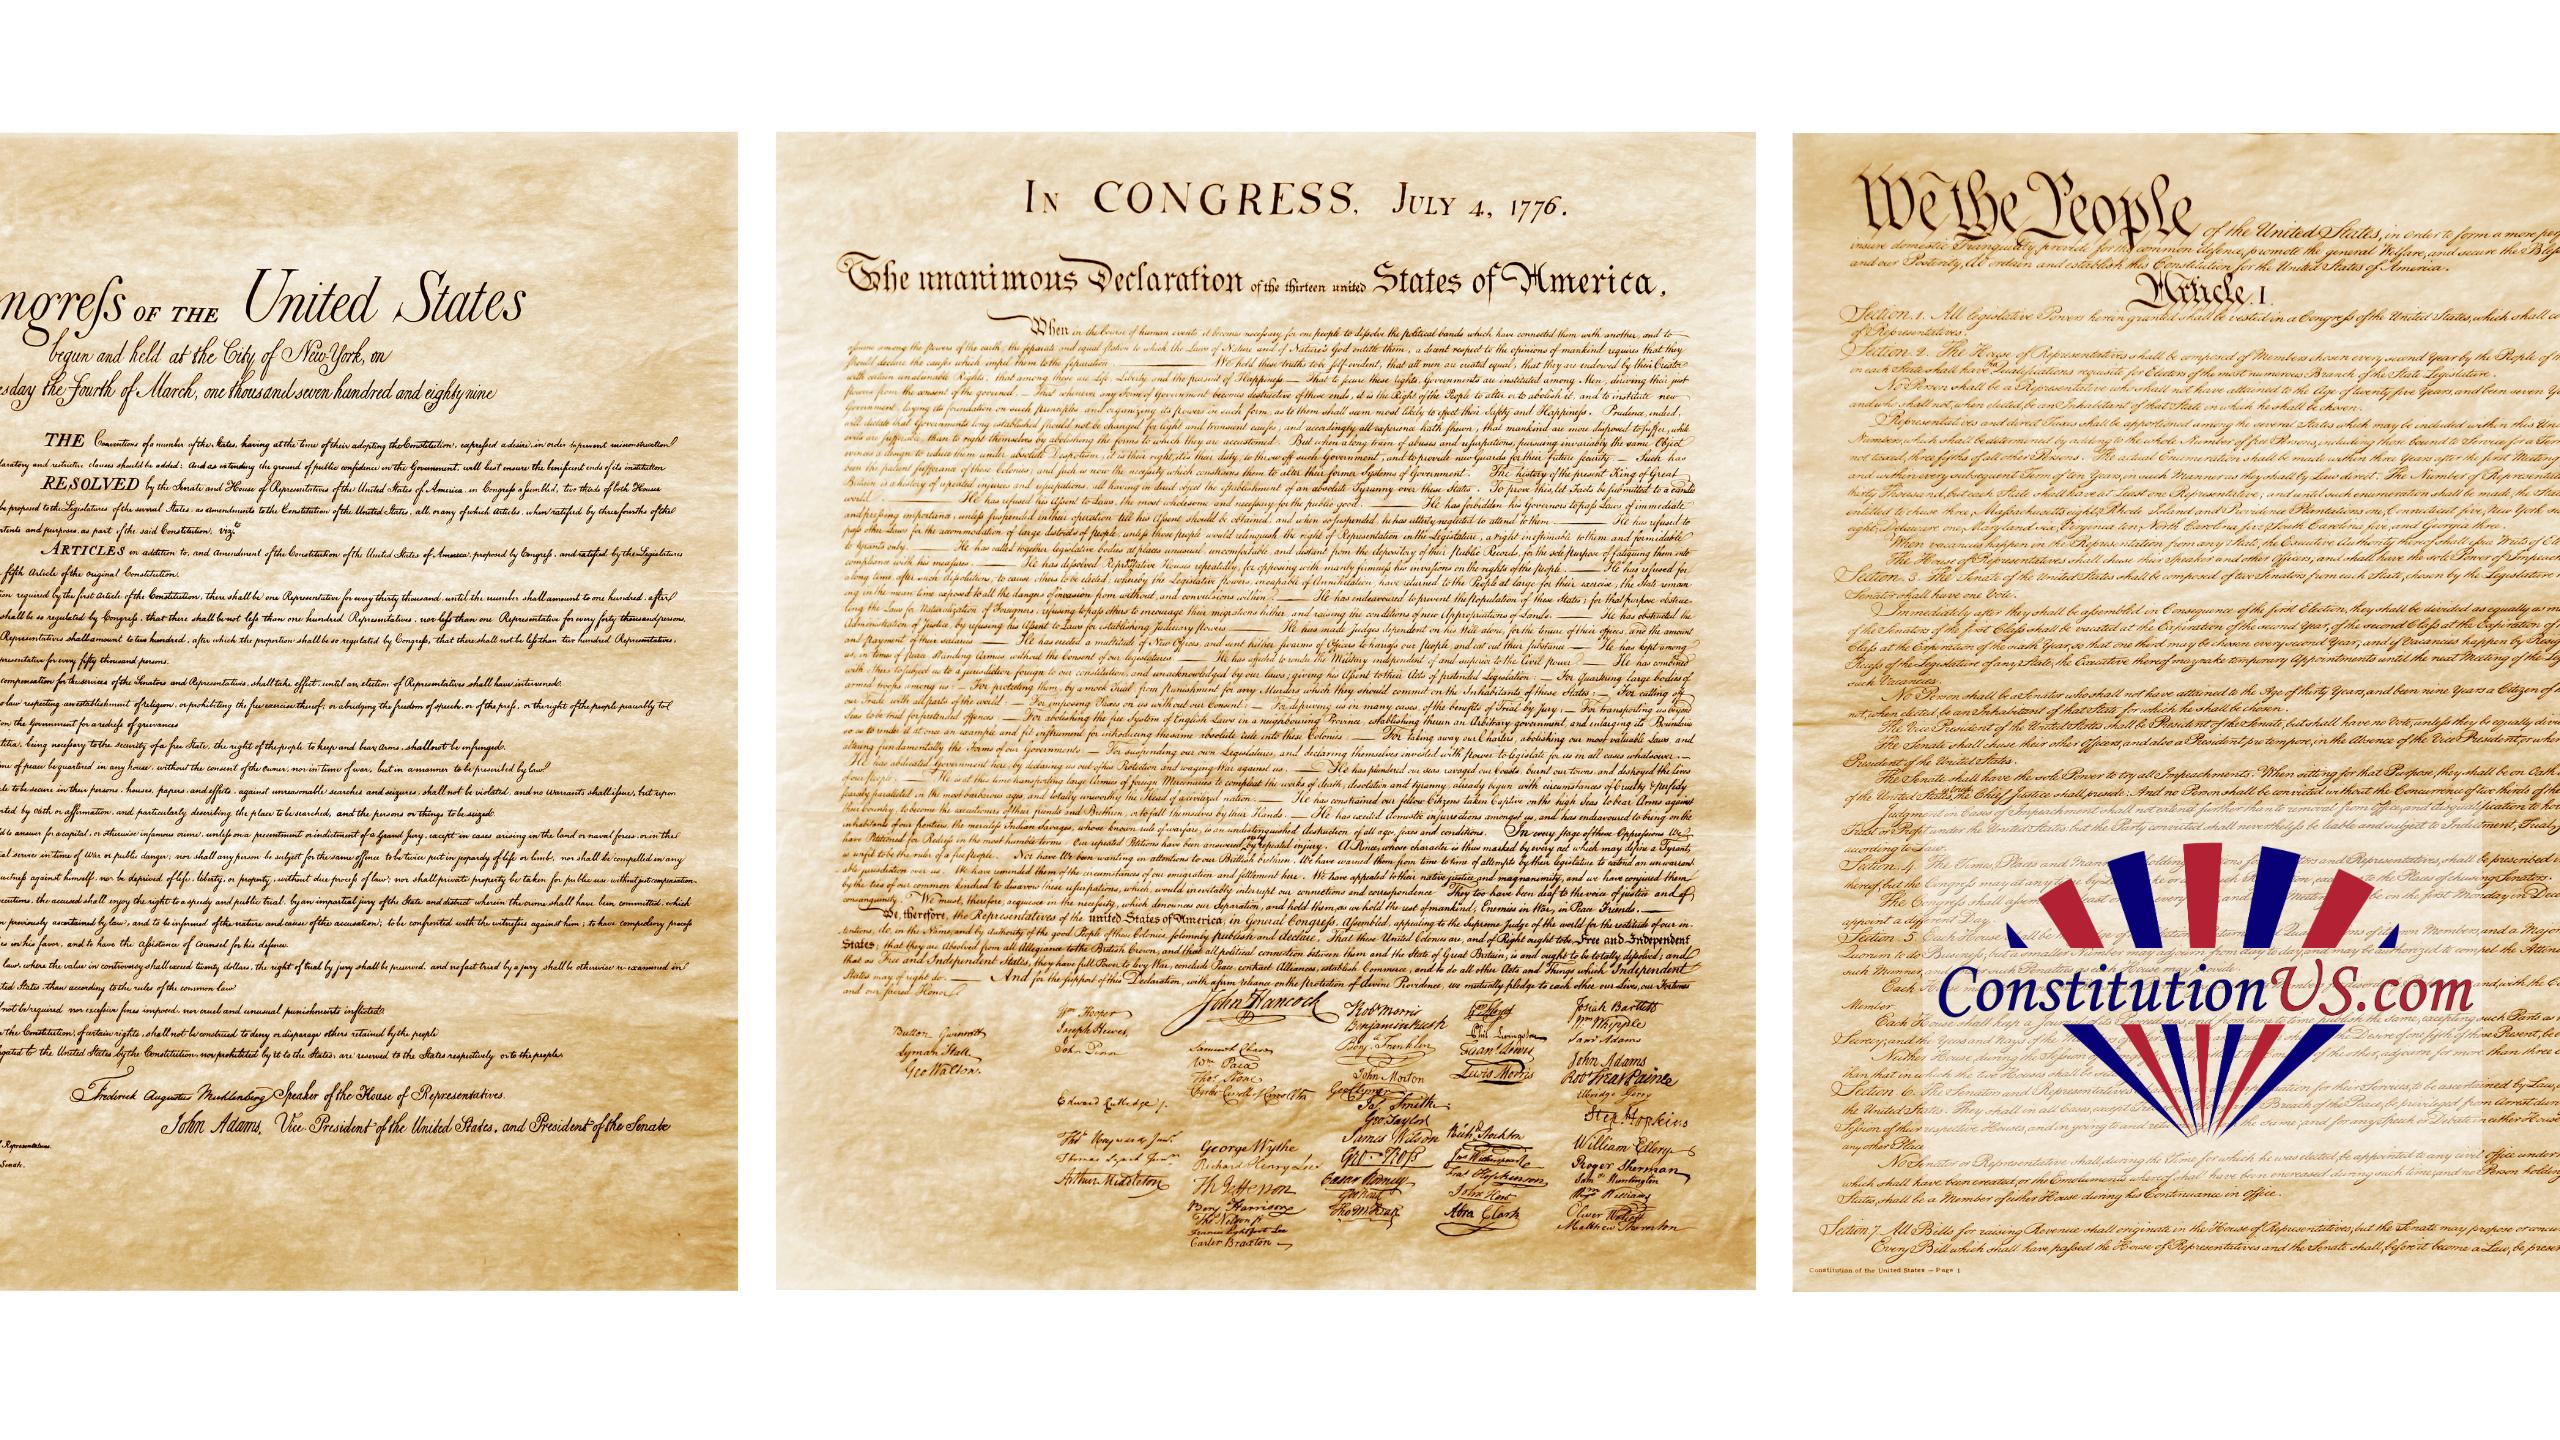 Original copy of US constitution